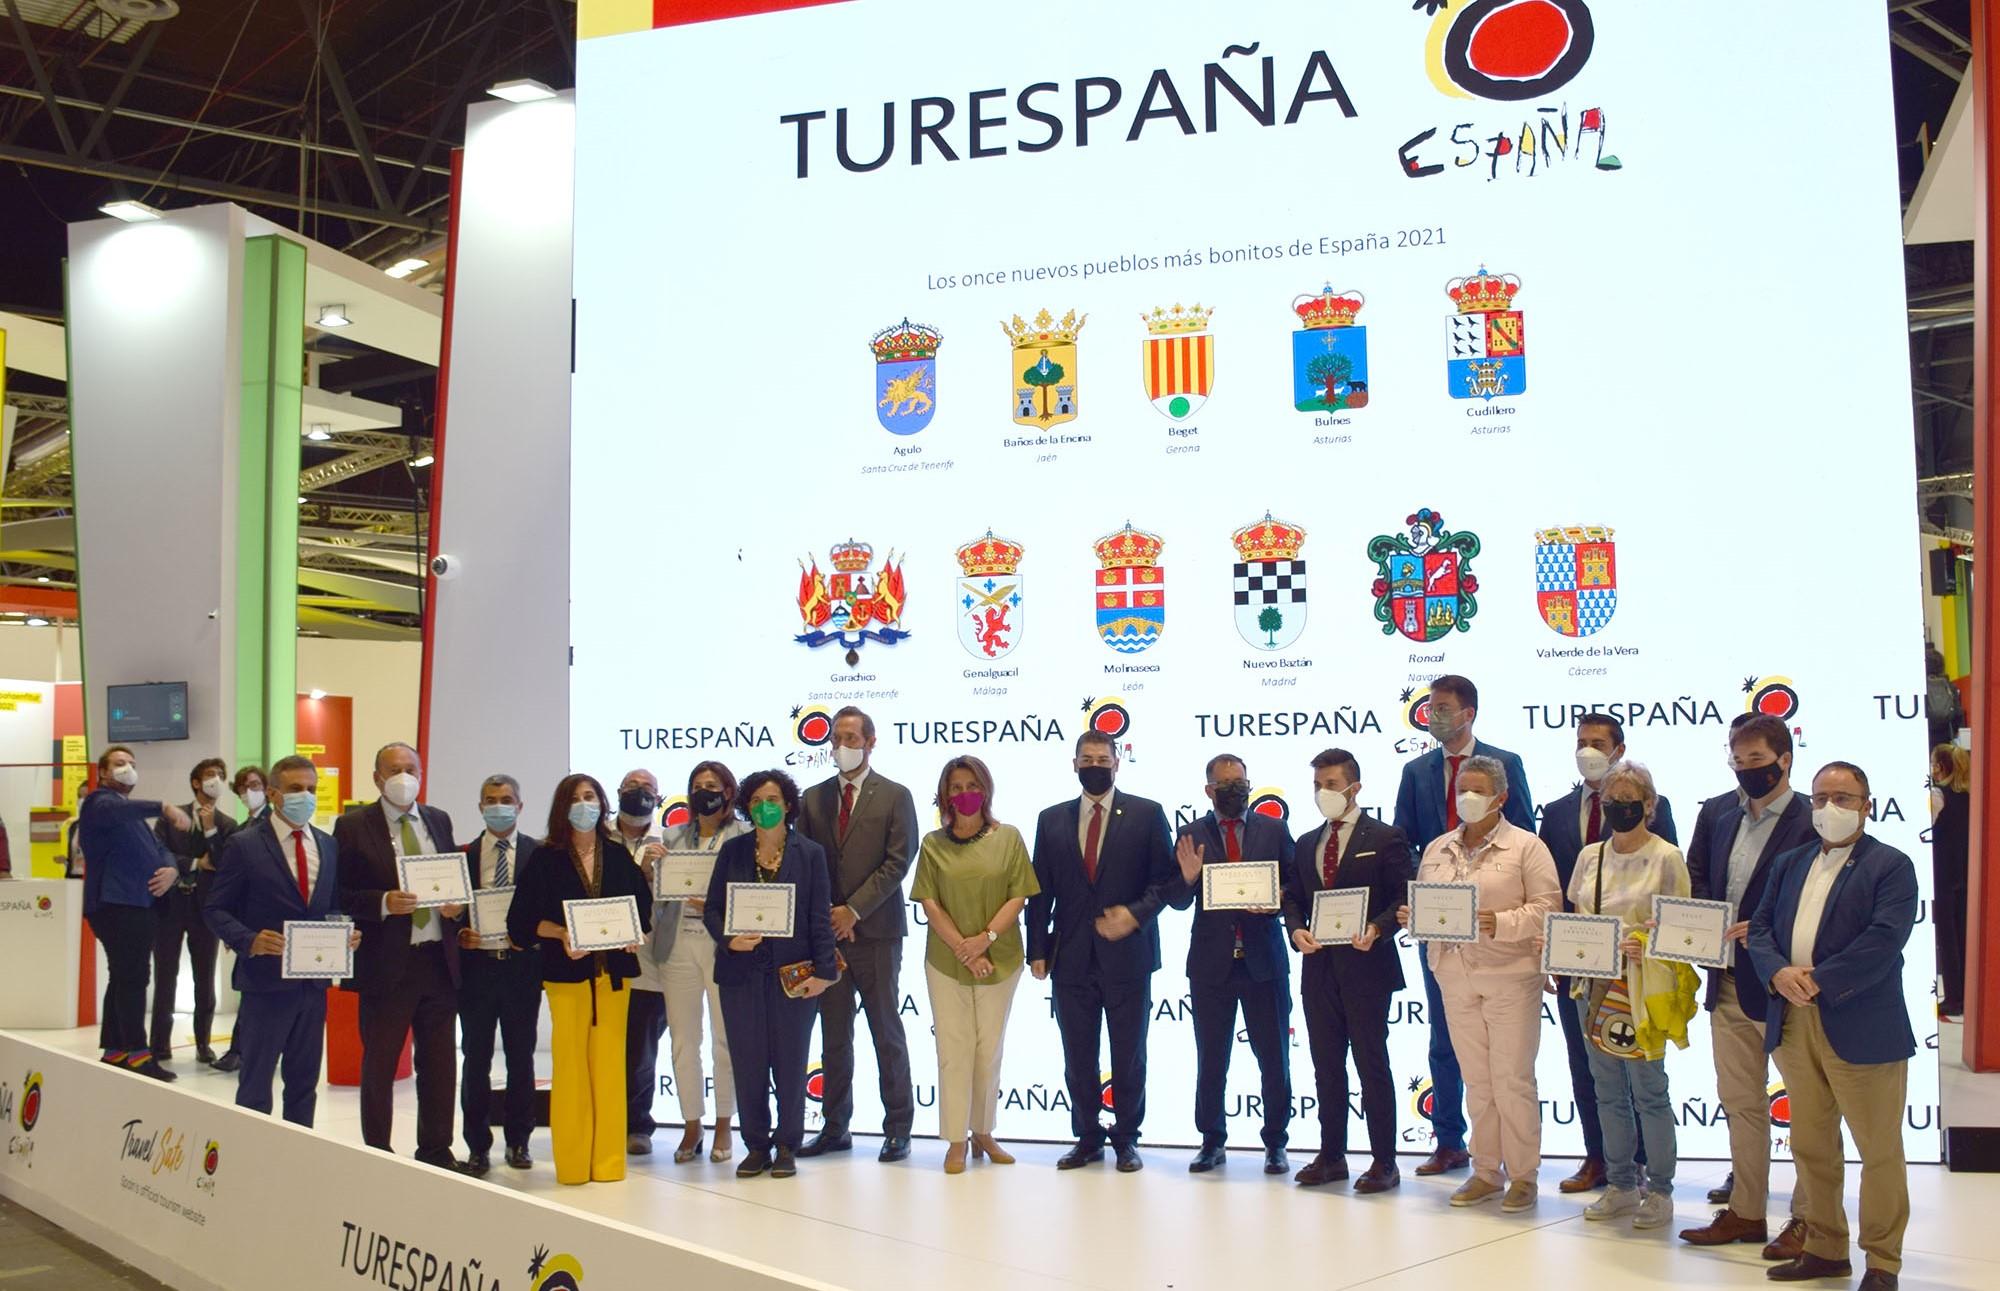 Acreditación como uno de los Pueblos más Bonitos de España / CanariasNoticias.es